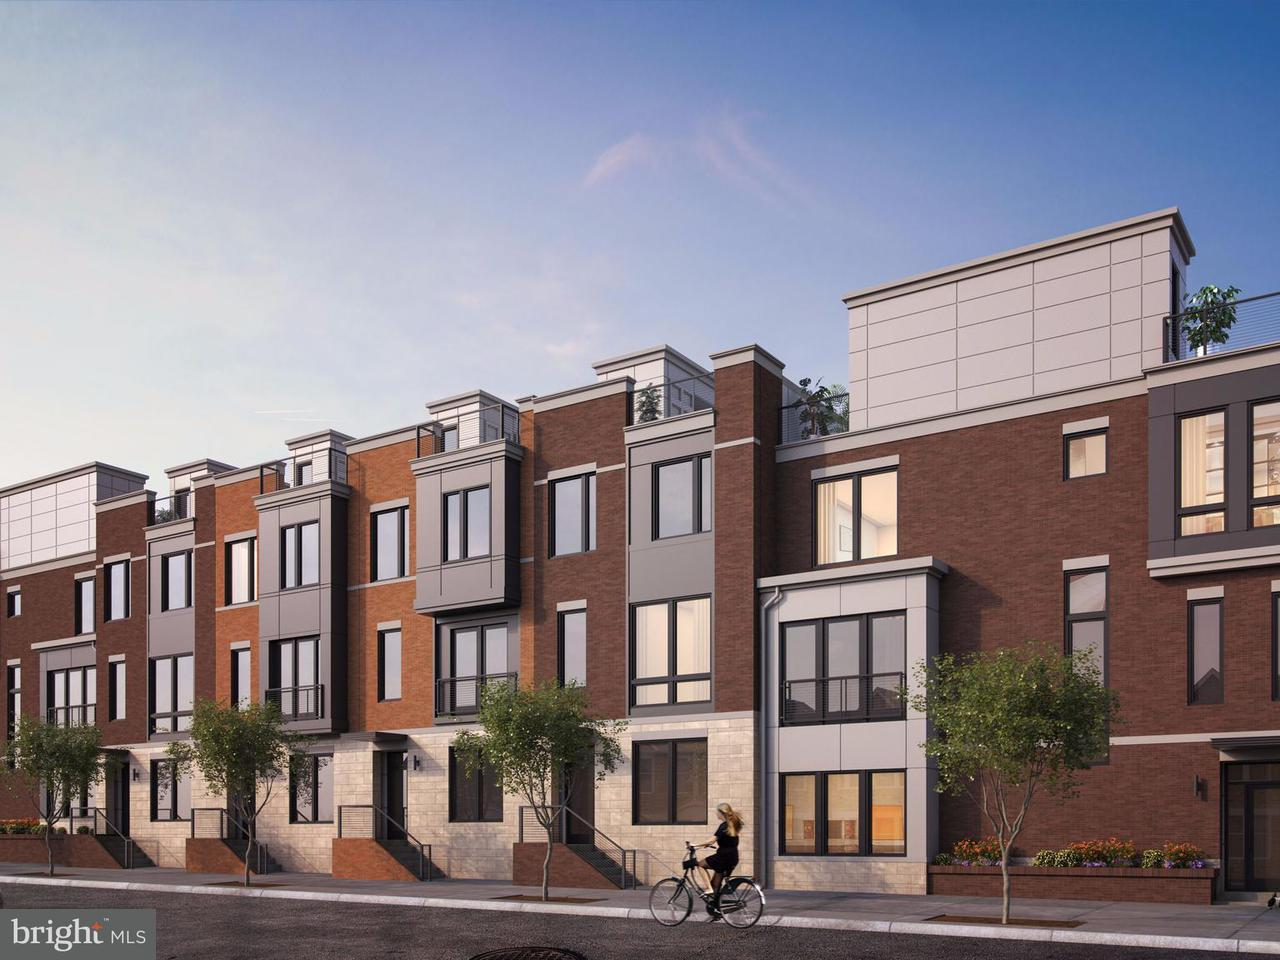 Stadthaus für Verkauf beim 1240 TOWSON Street 1240 TOWSON Street Baltimore, Maryland 21230 Vereinigte Staaten